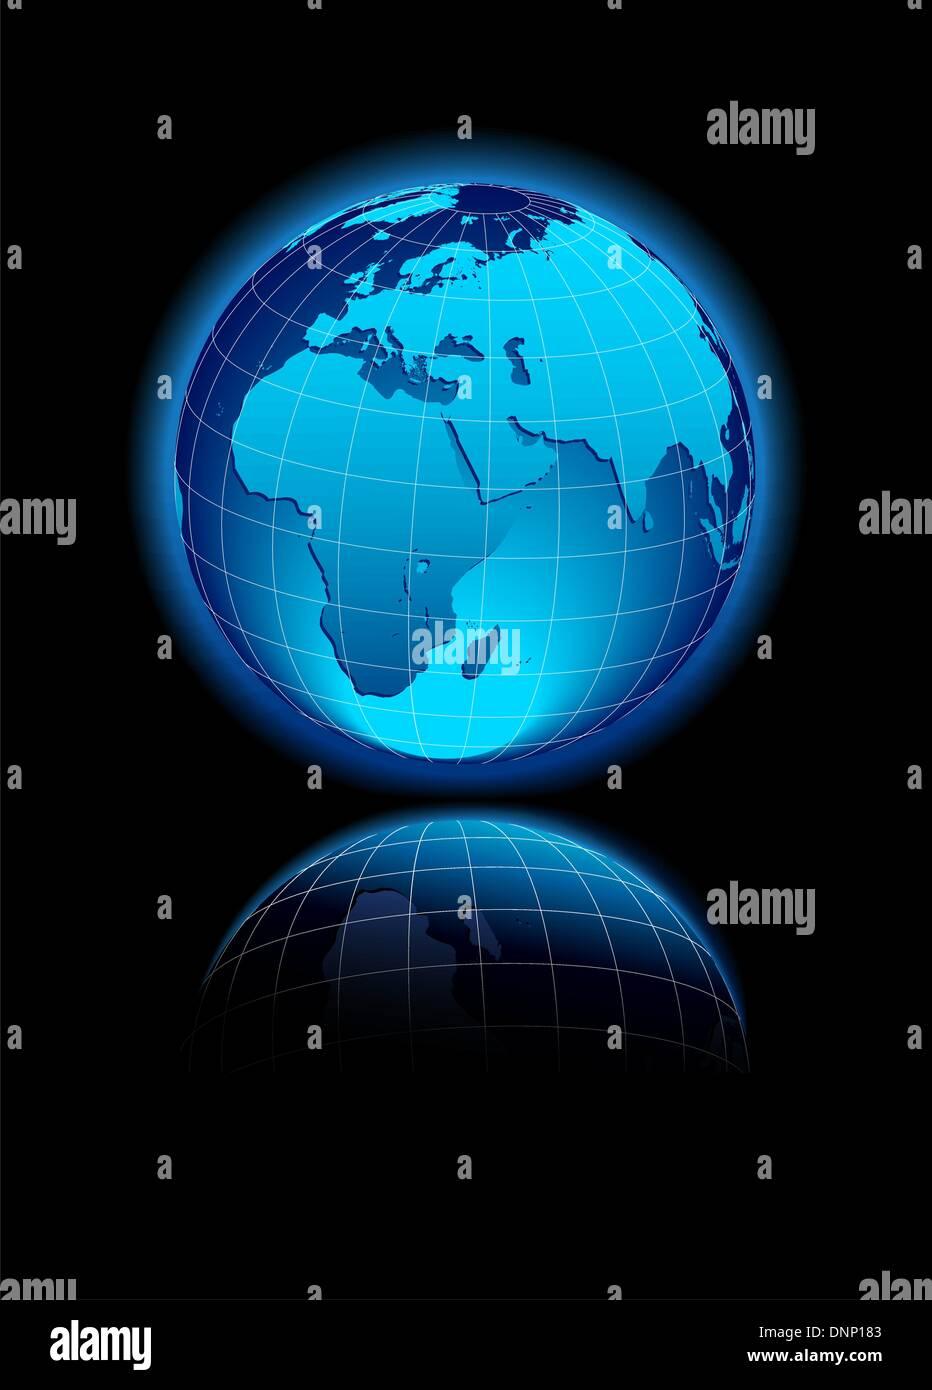 Mappa vettoriale Icona del mondo in forma di globo - Africa e Medio Oriente Immagini Stock